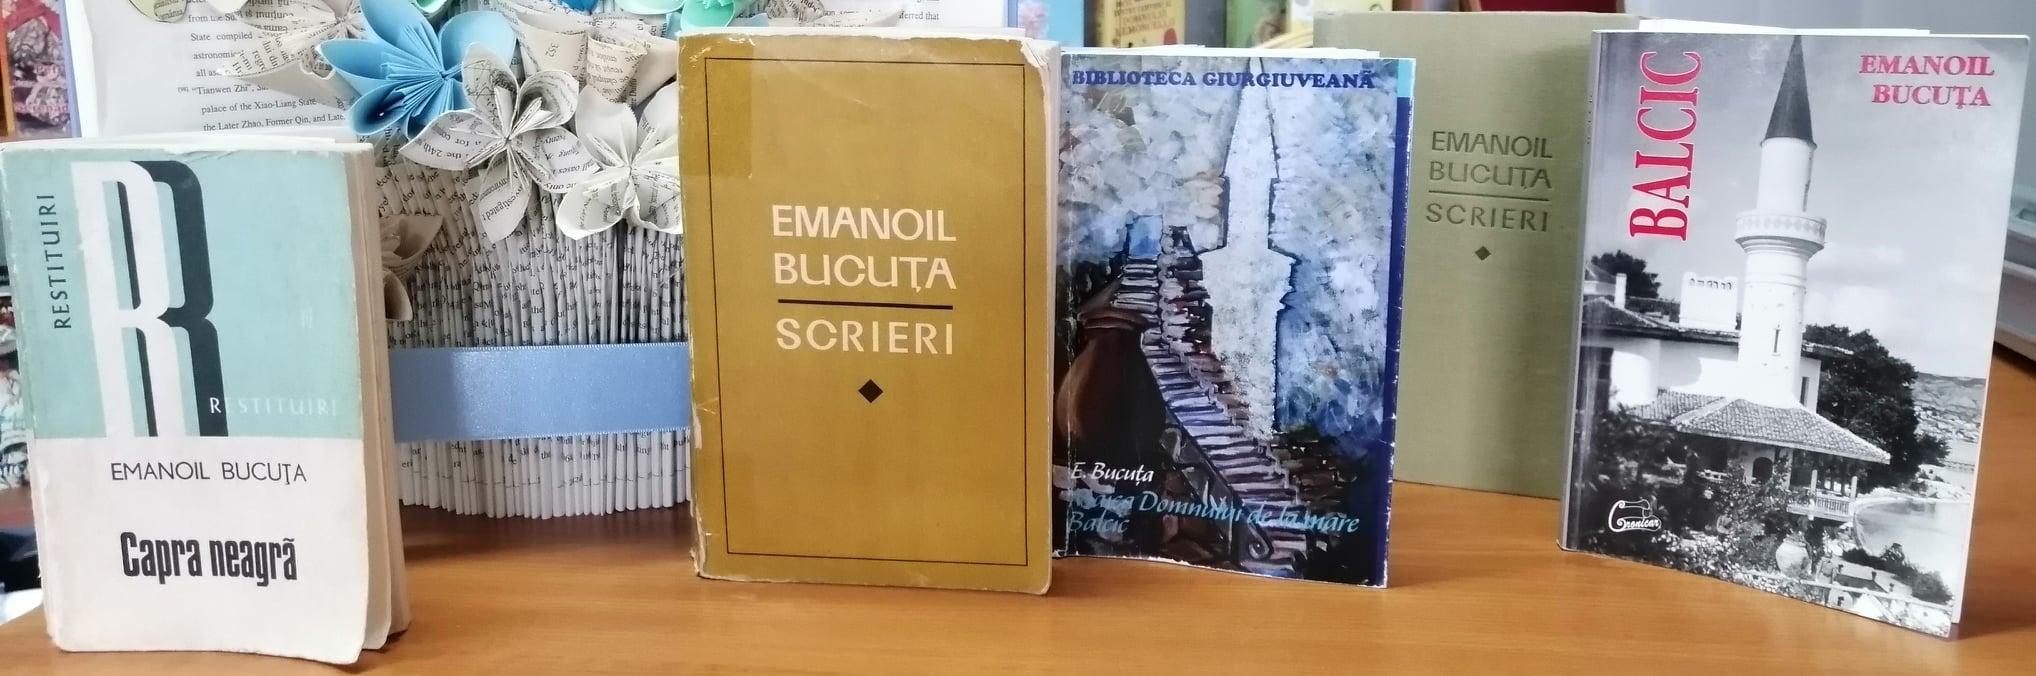 75 de ani de la moartea scriitorului giurgiuvean EMANOIL BUCUȚA